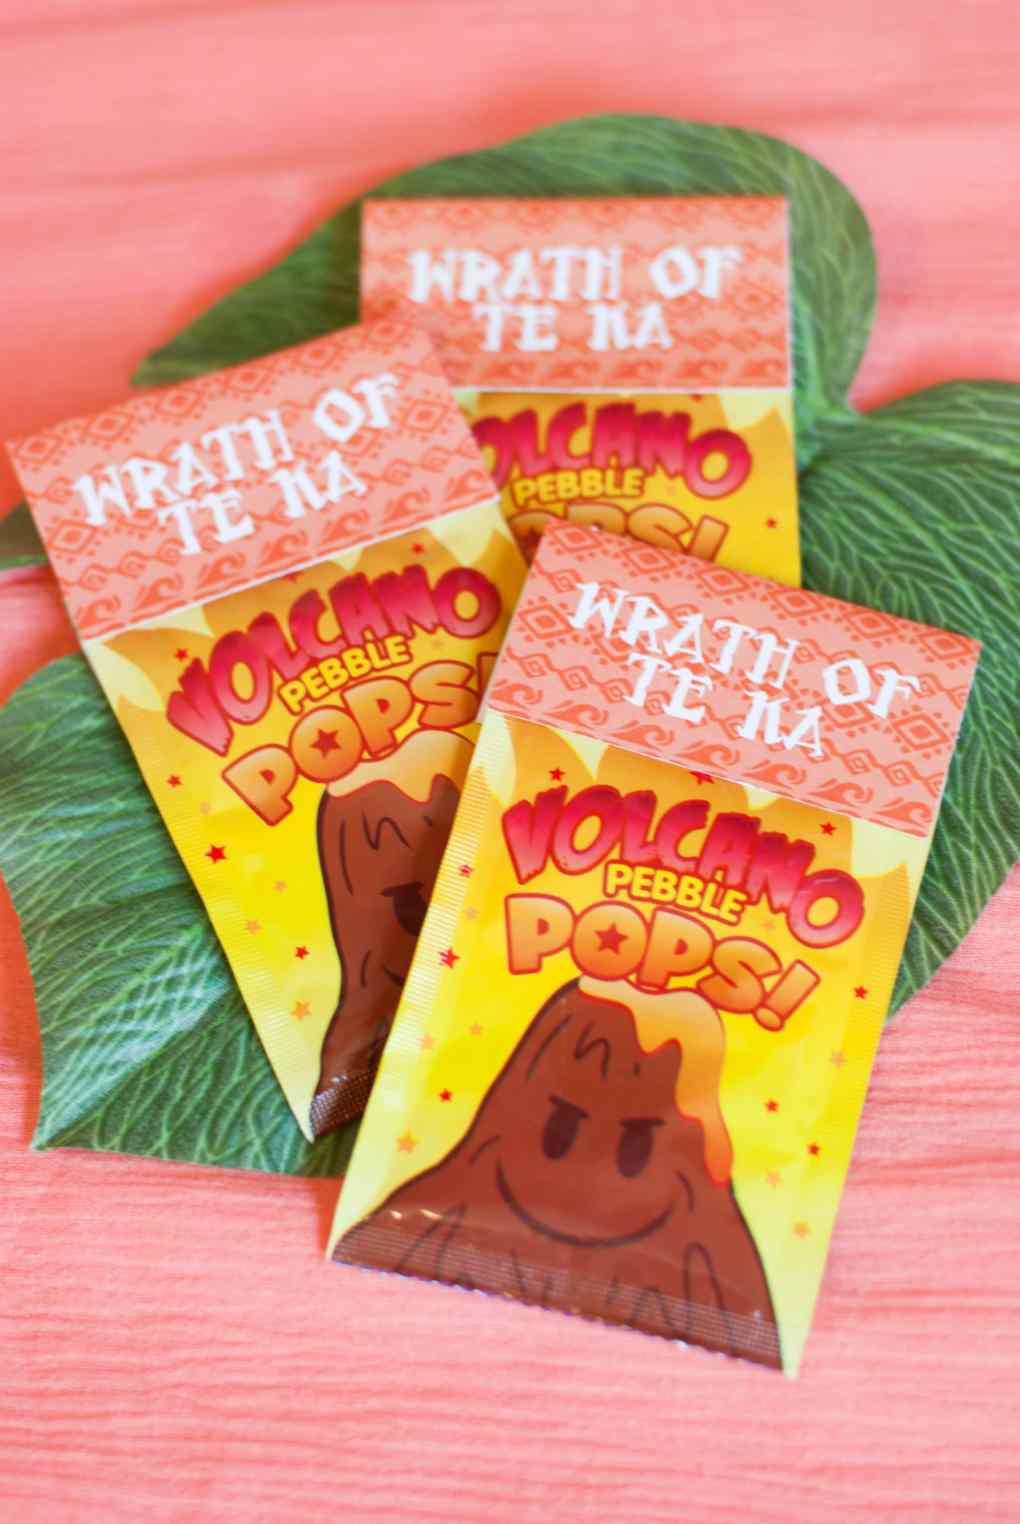 Volcano Candy Moana Birthday Party Ideas - Project Nursery